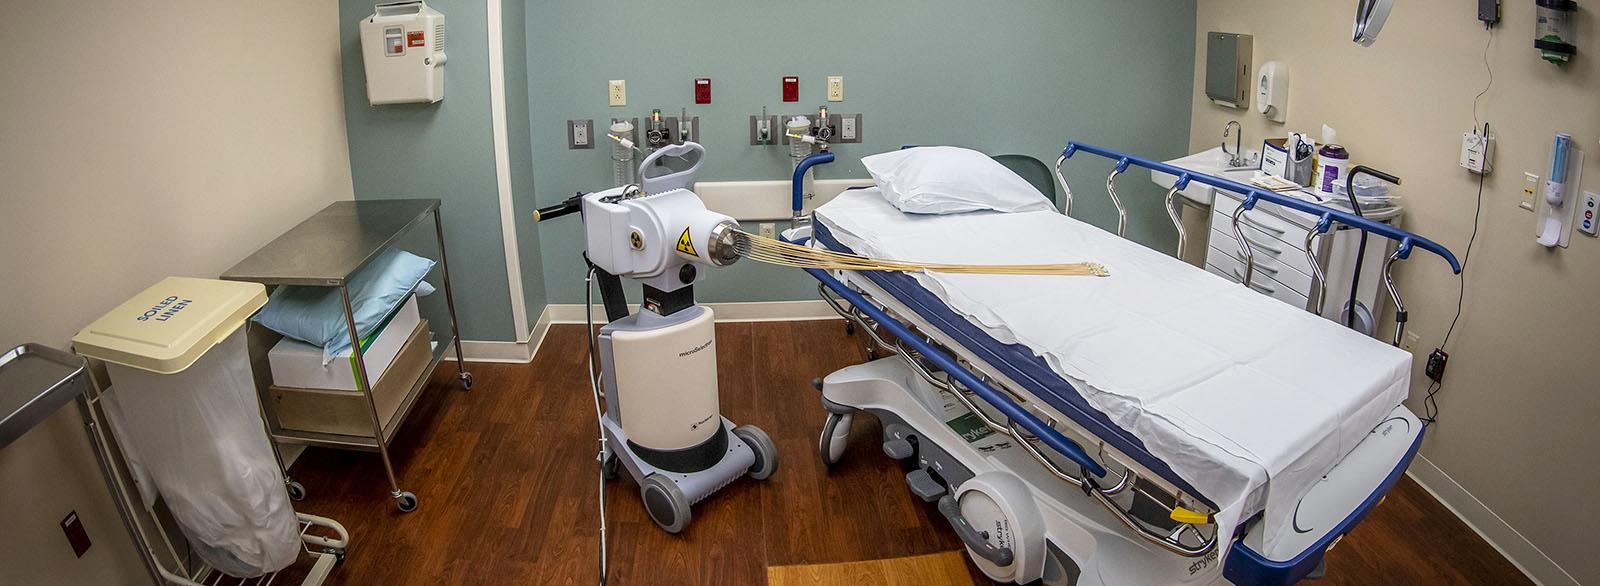 Brachytherapy Suite